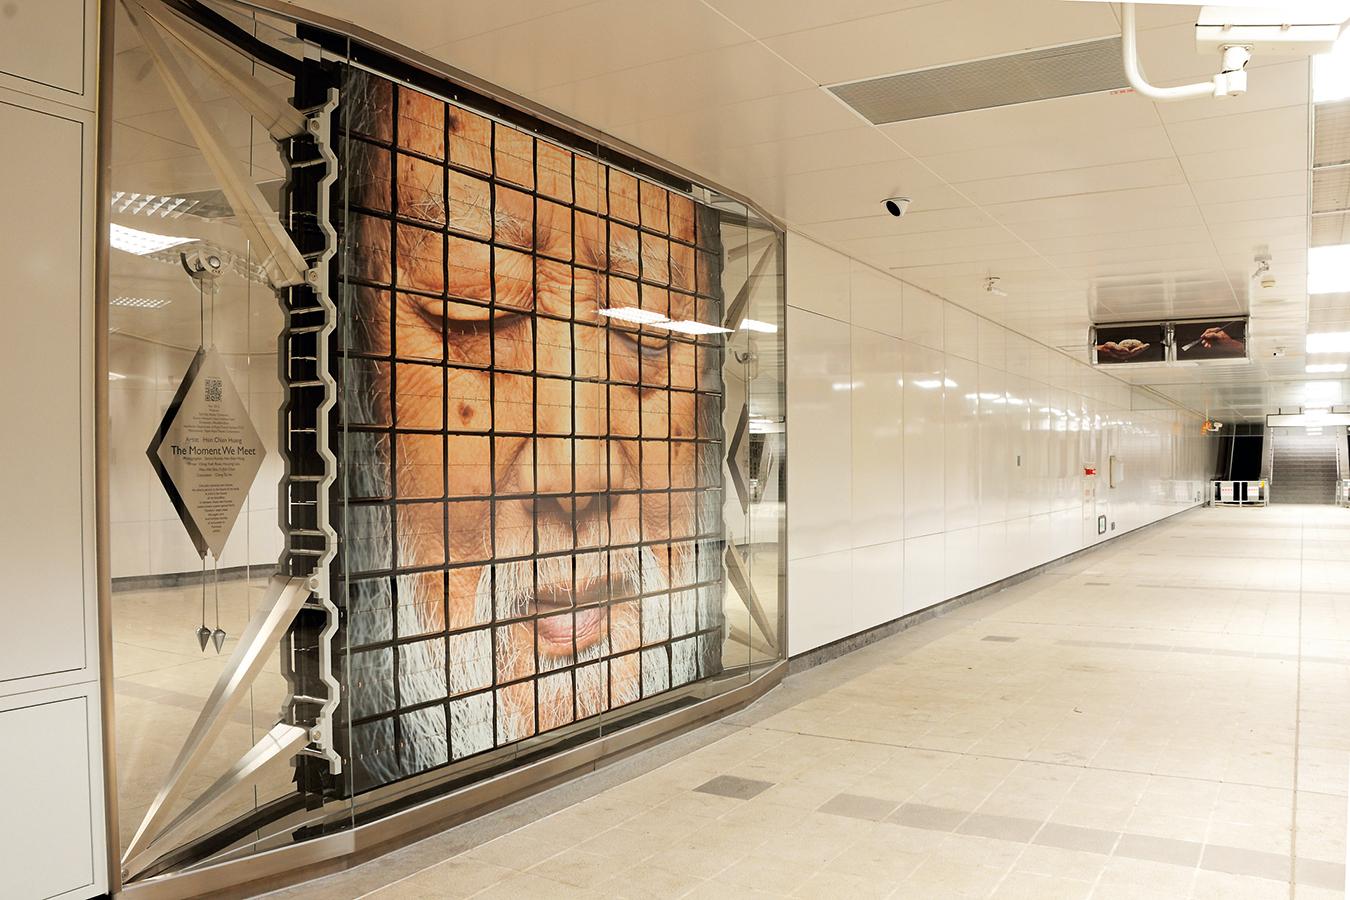 位於101站穿廊的公共藝術品 相遇時刻,吸引許多人駐足。